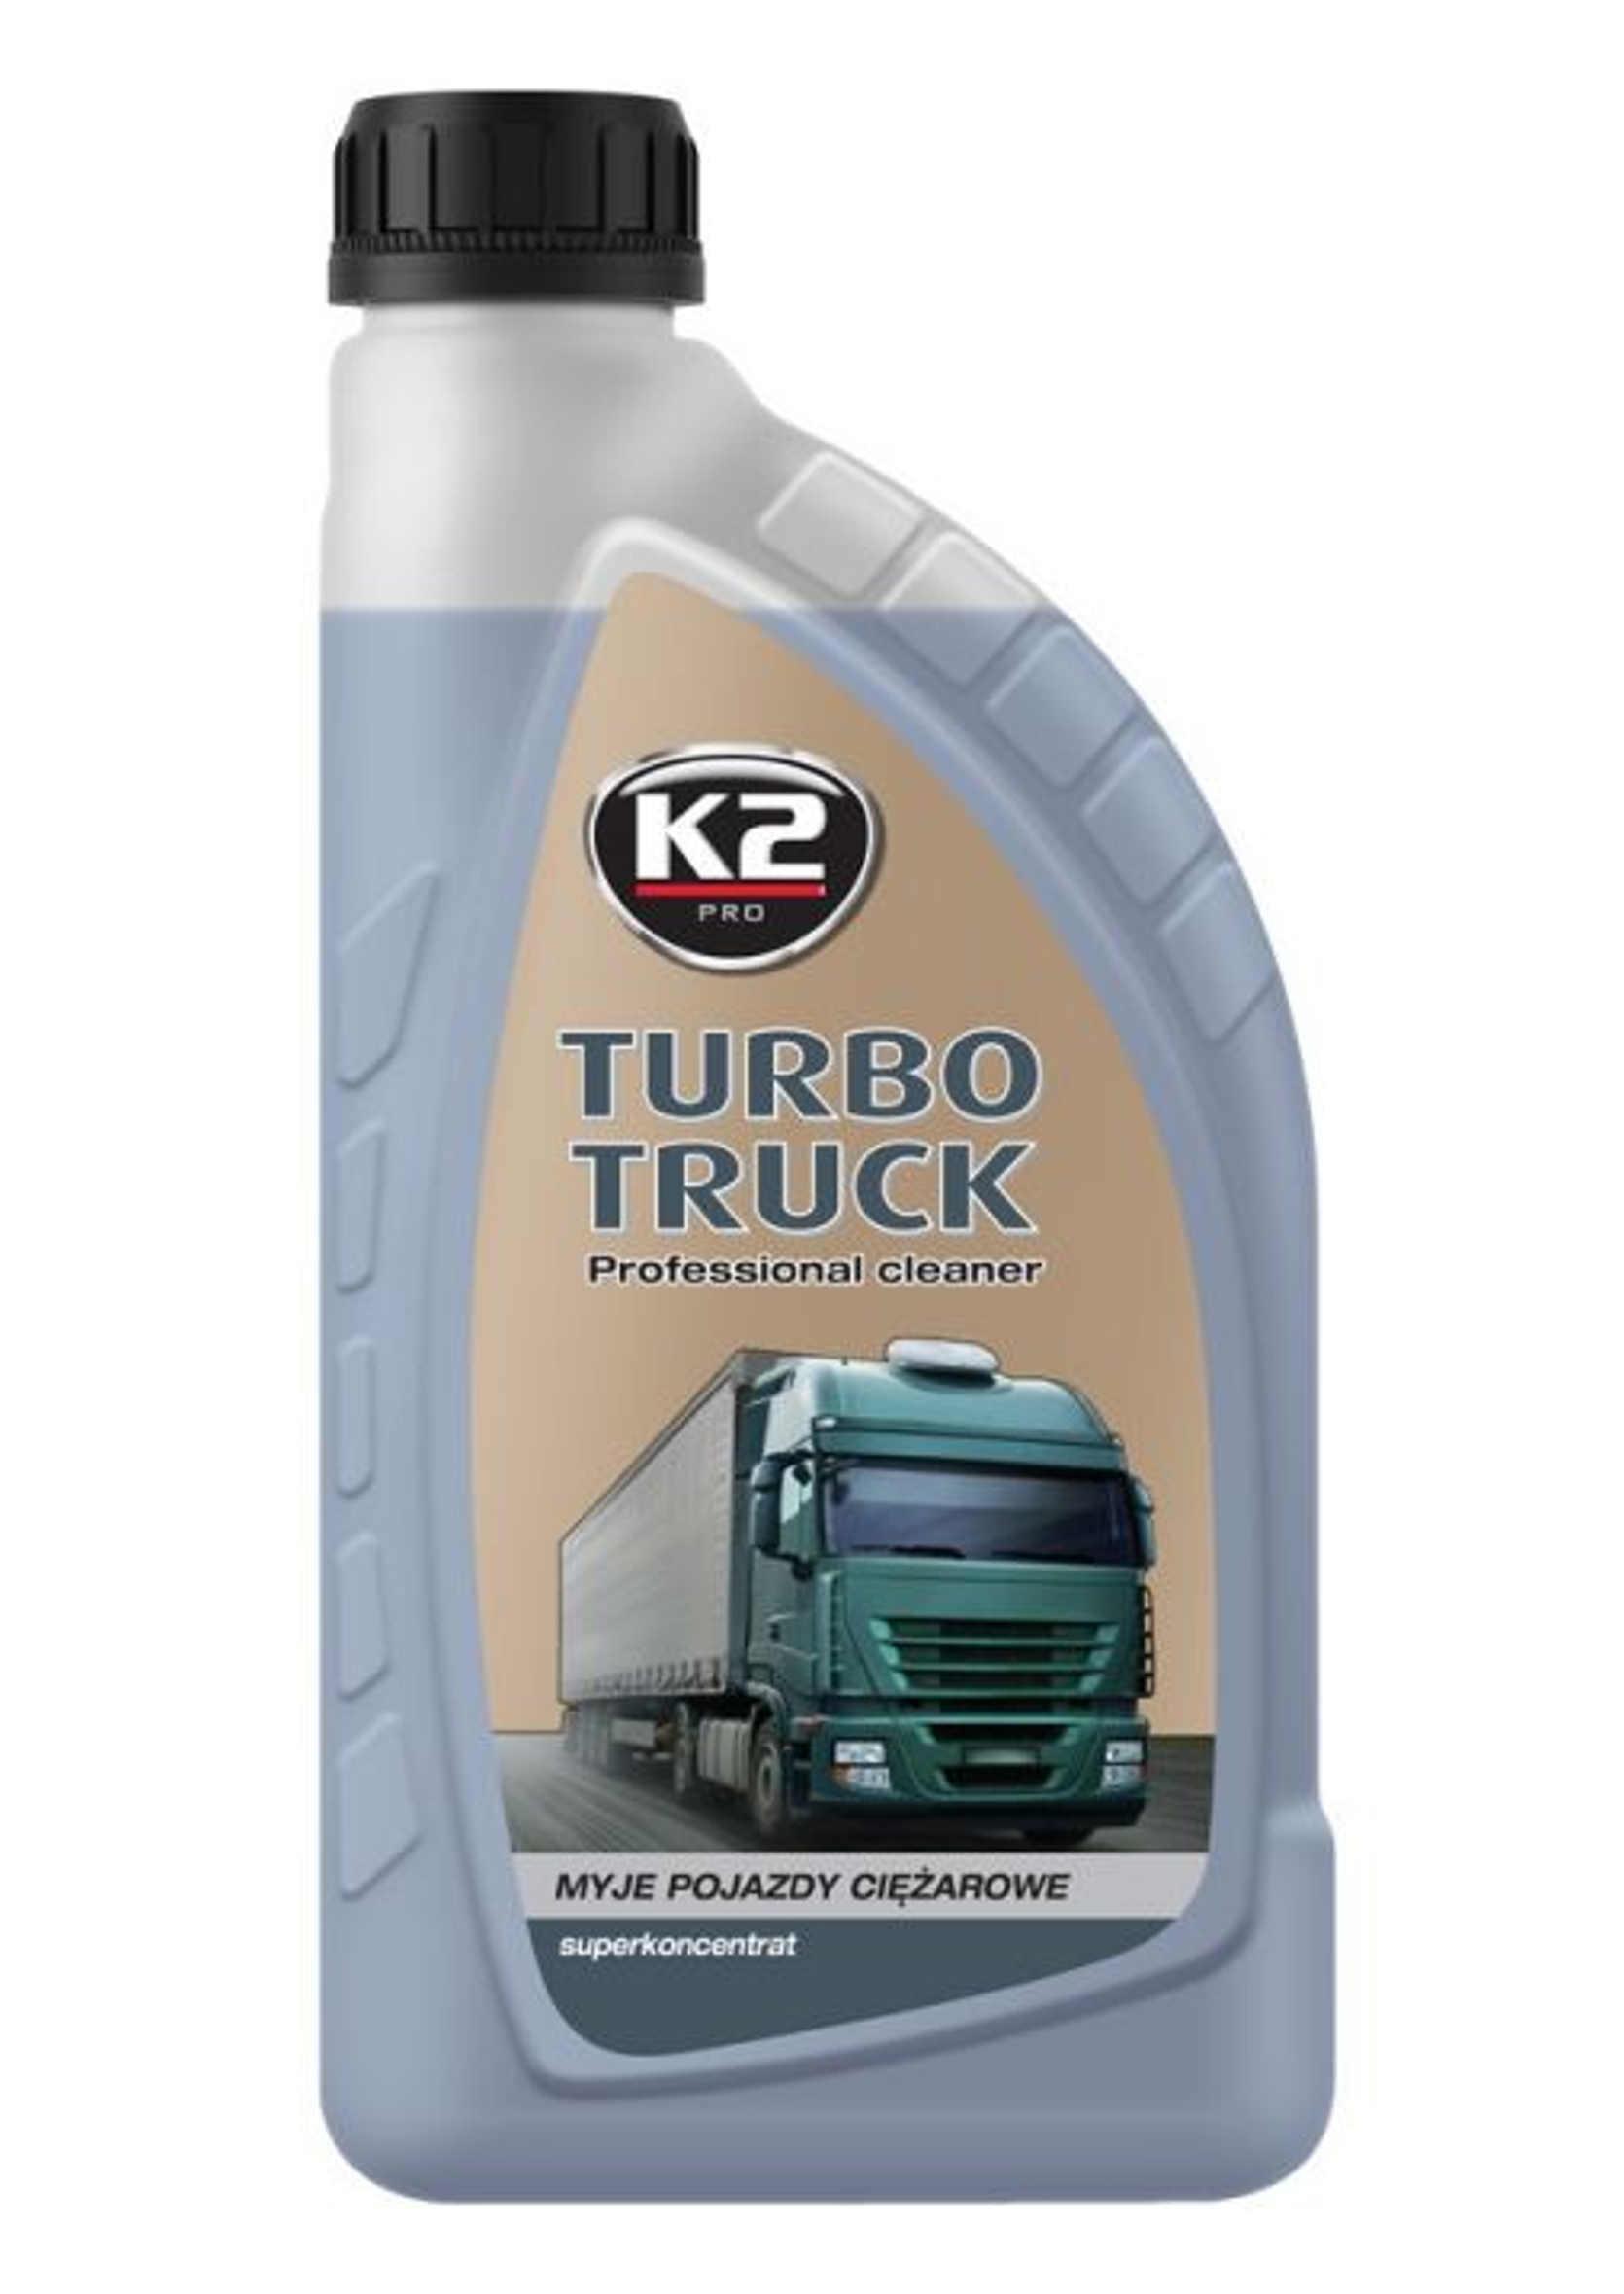 K2 Turbo Truck Cleaner Piana Aktywna do Mycia Ciężarówek i Plandek 1kg